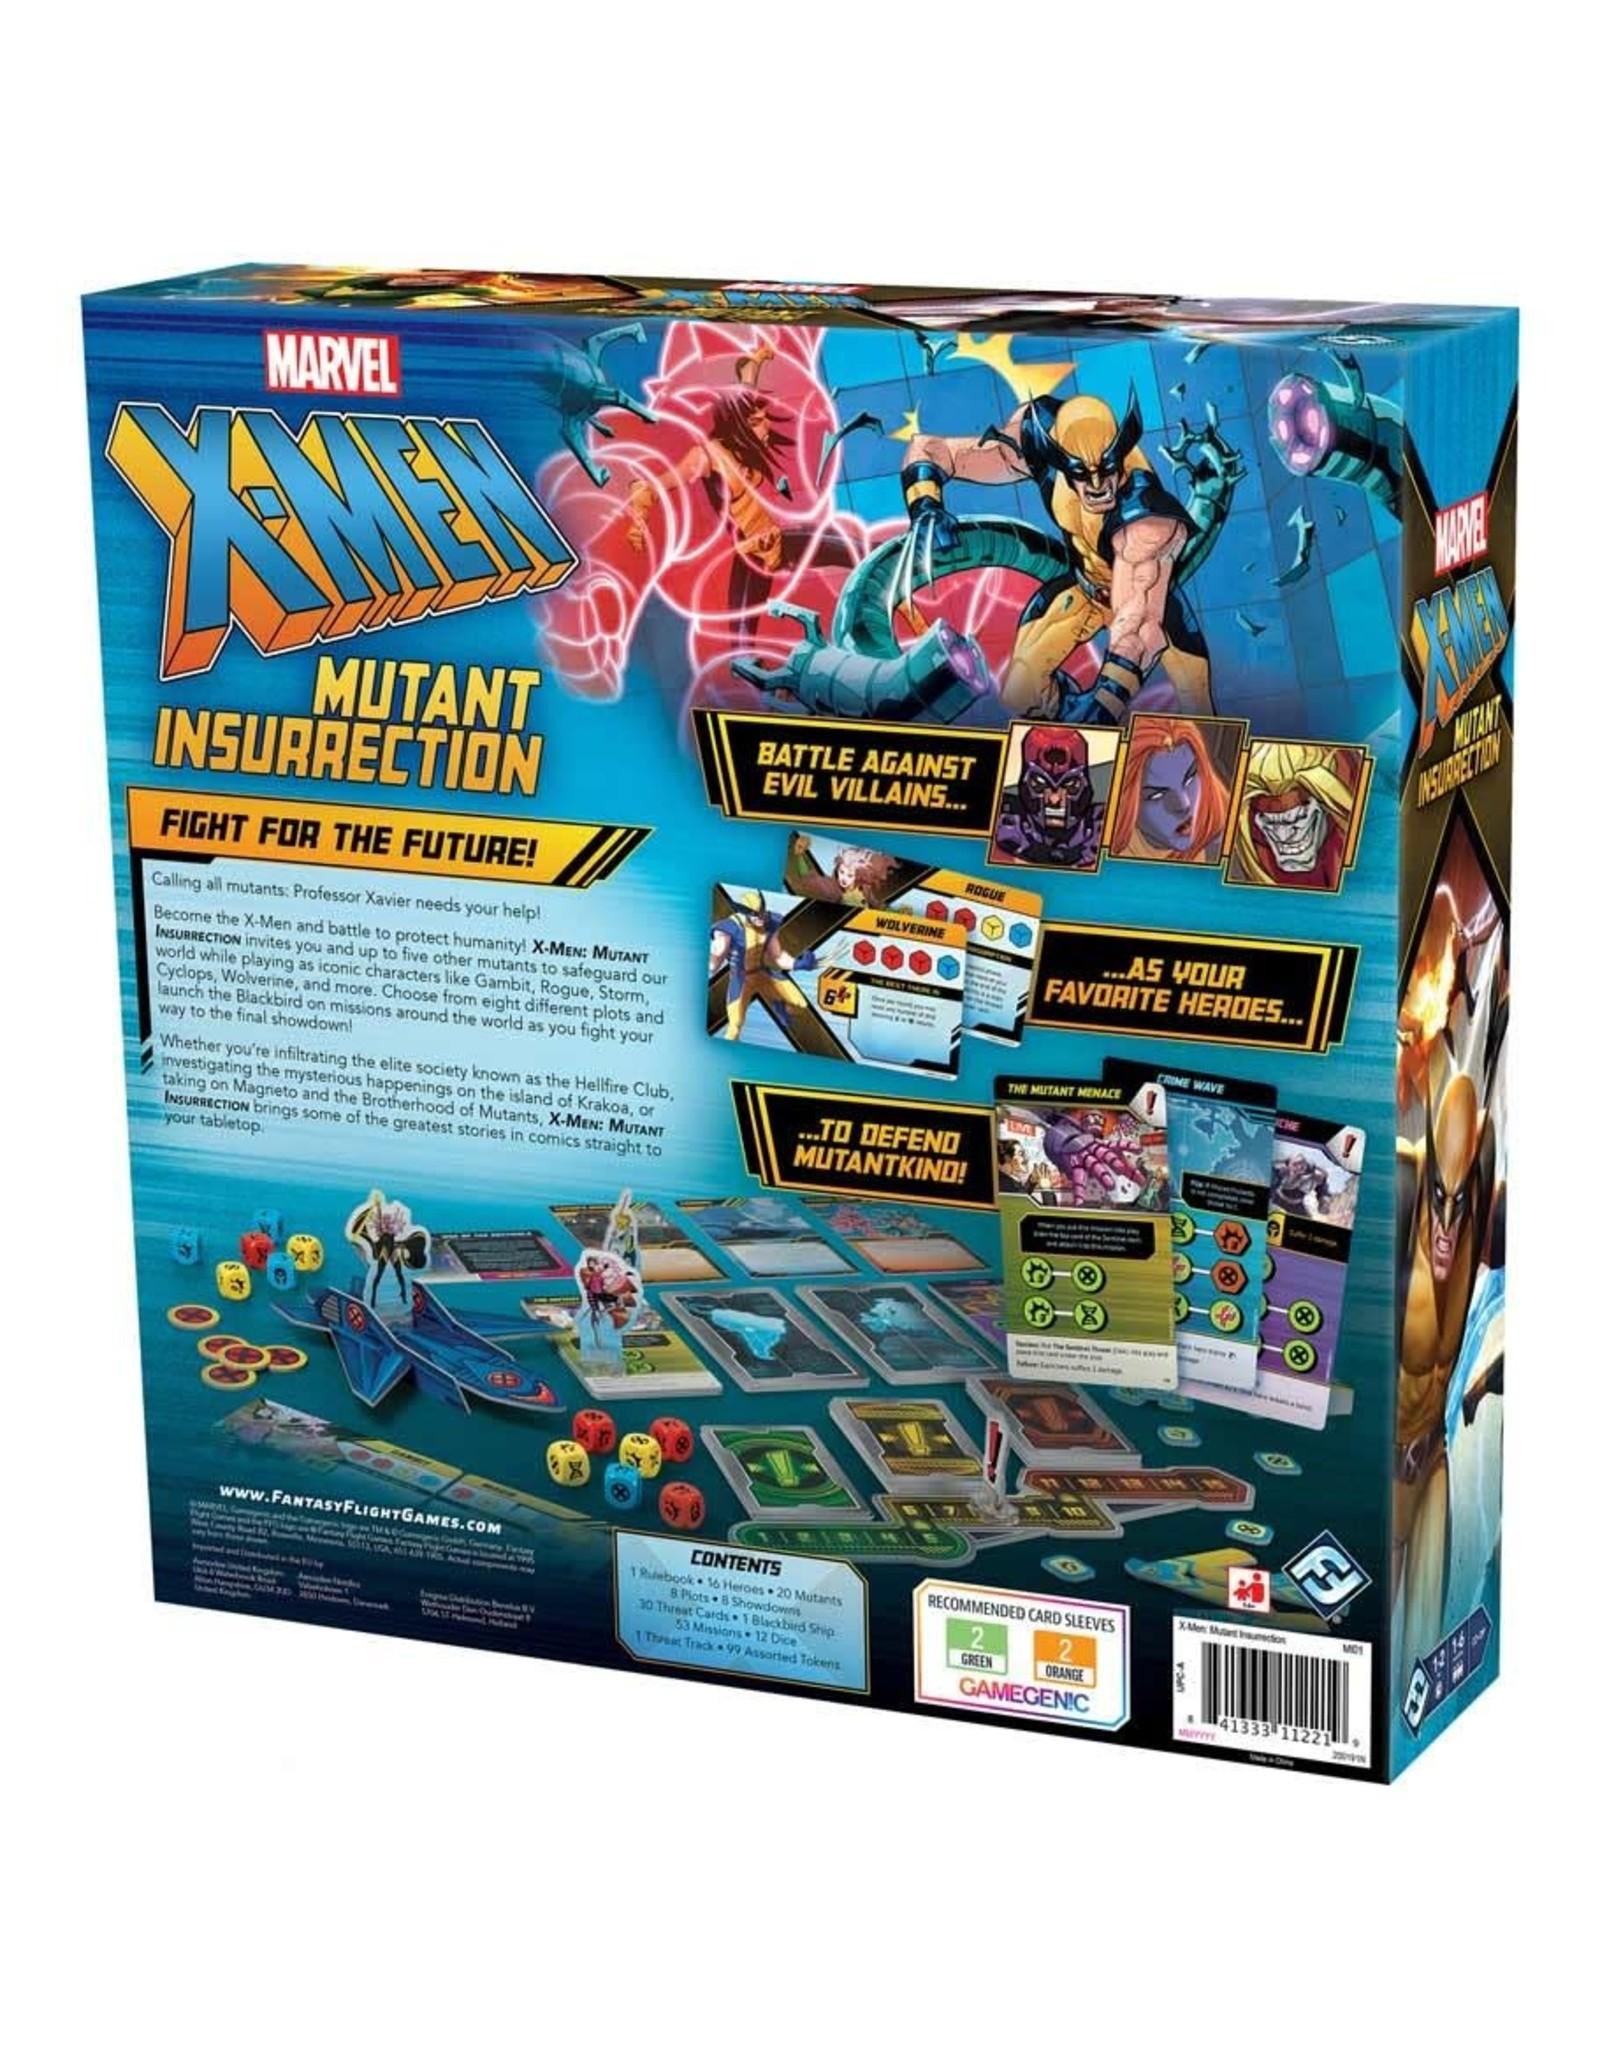 Fantasy Flight Games PREORDER: Marvel X-Men: Mutant Insurrection